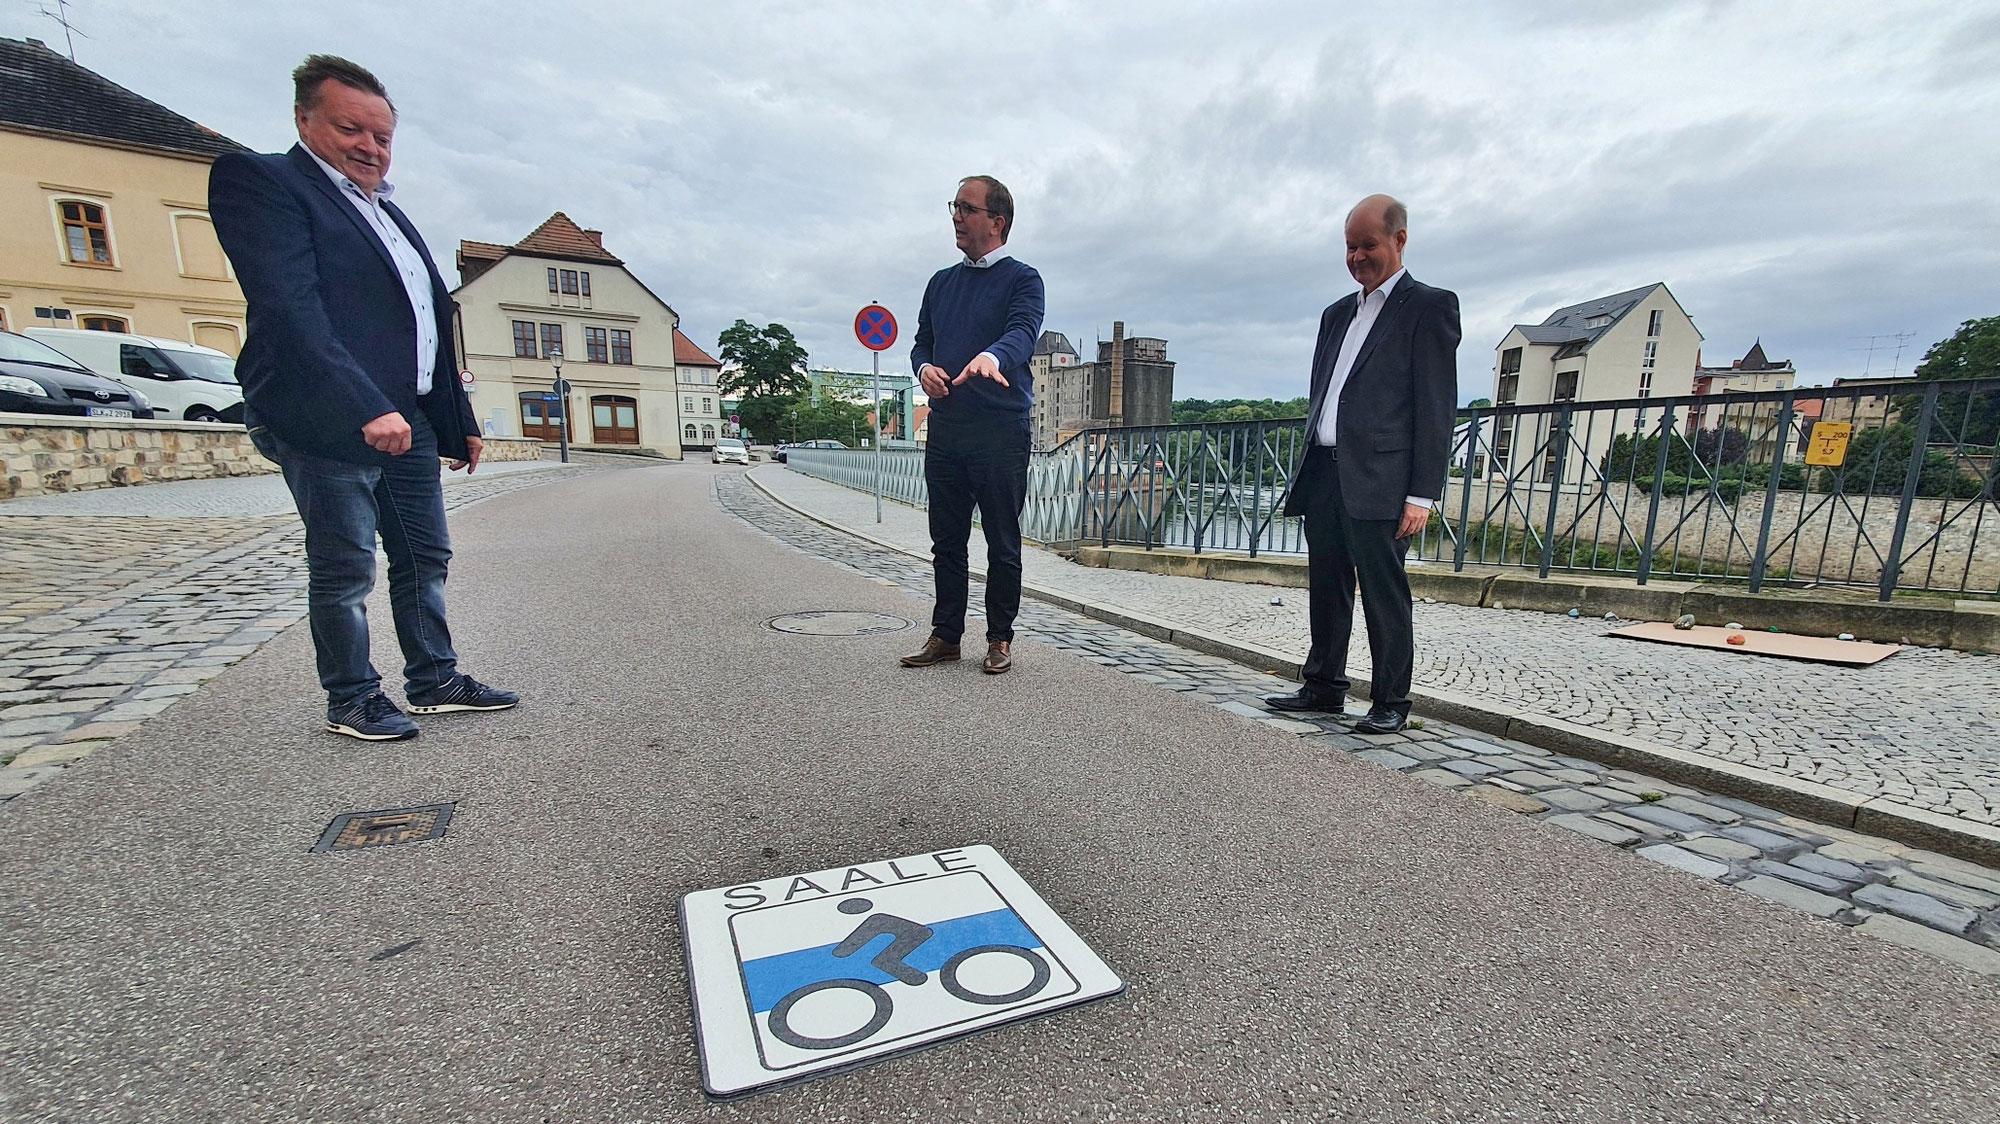 5,7 Millionen Euro für Europaradweg R 1